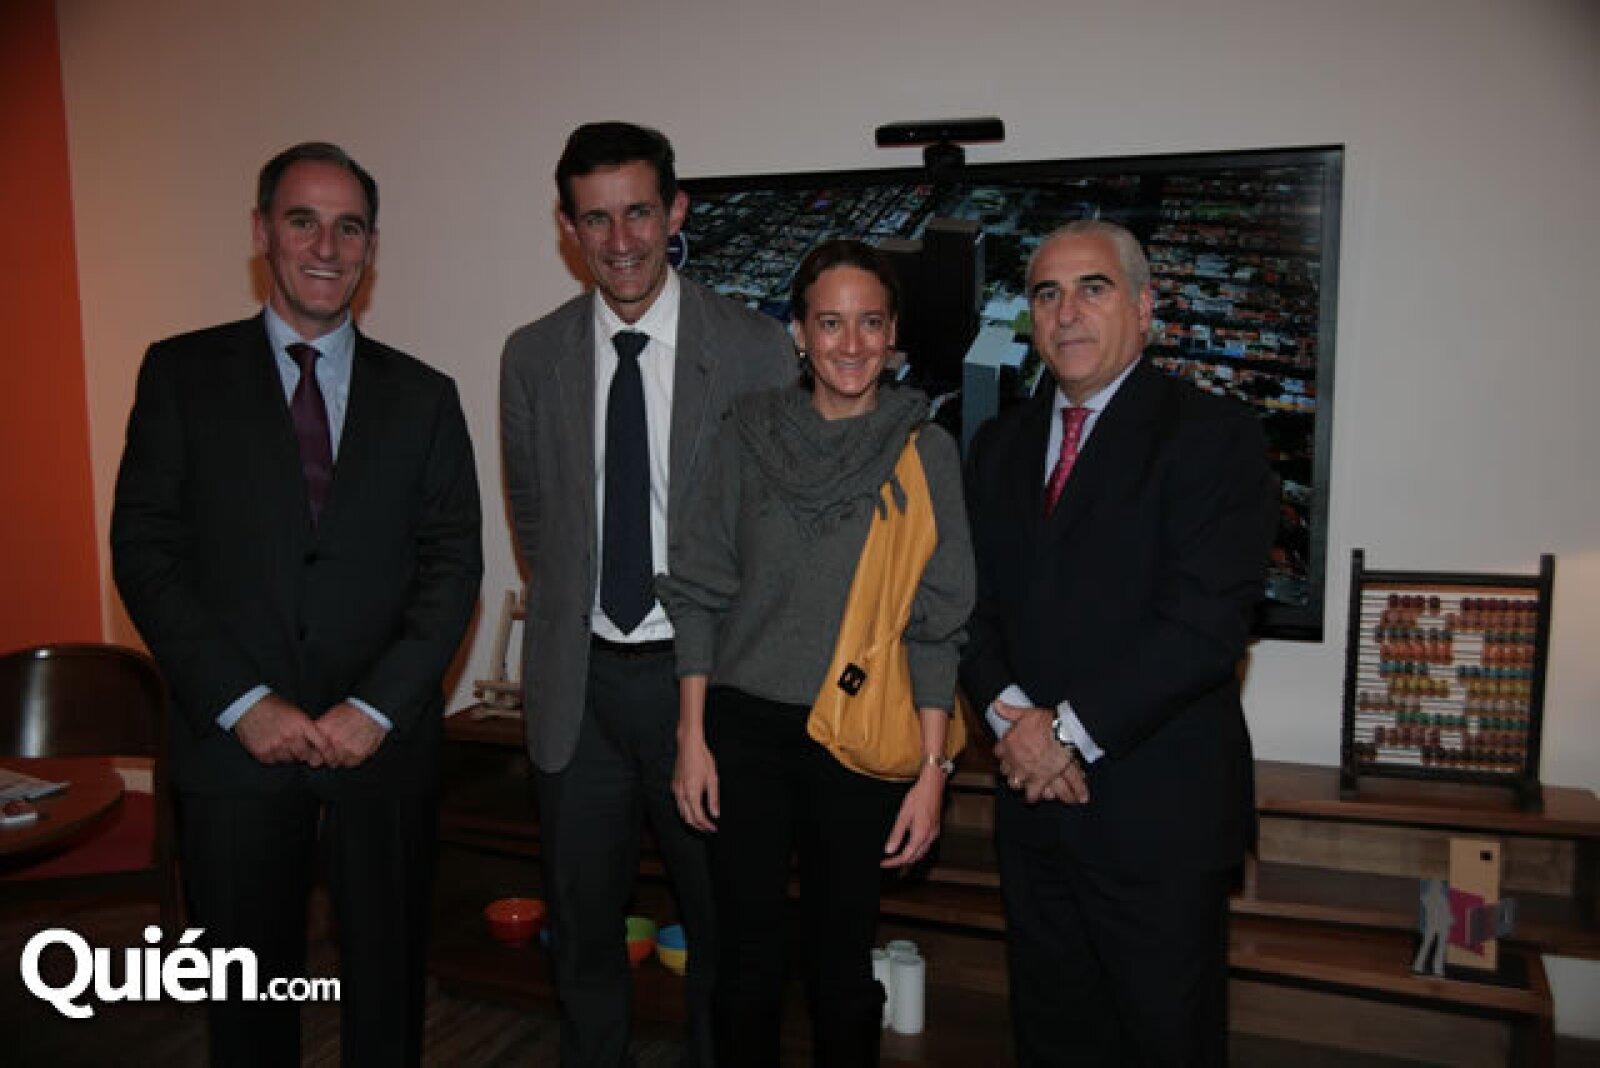 Jaime Alverde, Víctor Legorreta, Jacinta Legorreta y Ángel Losada